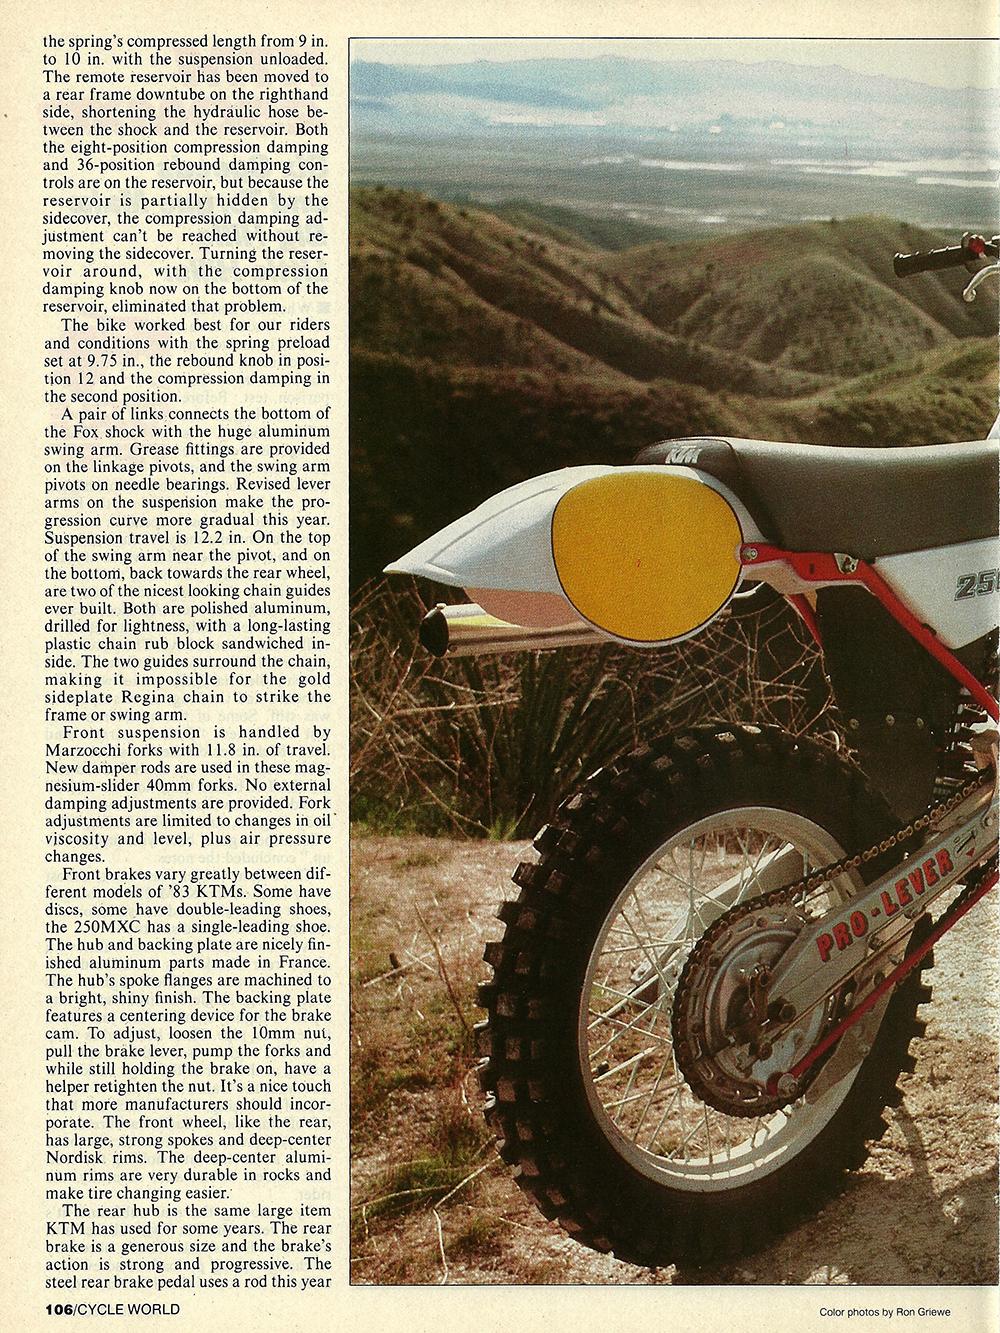 1983 KTM 250MXC road test 03.jpg